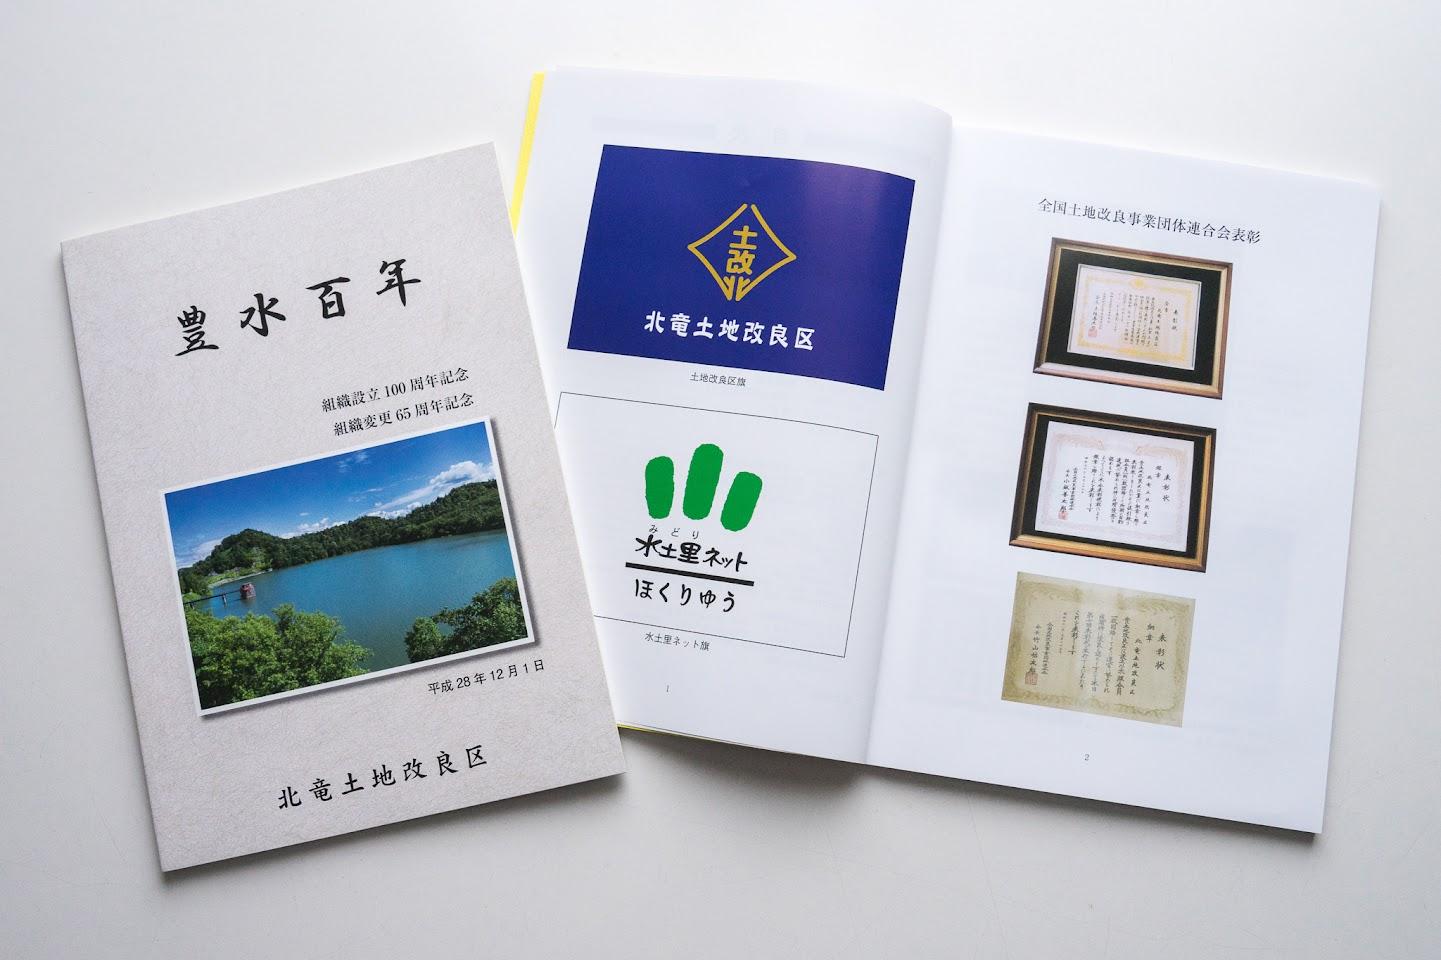 北竜土地改良区100周年記念誌『豊水100年』